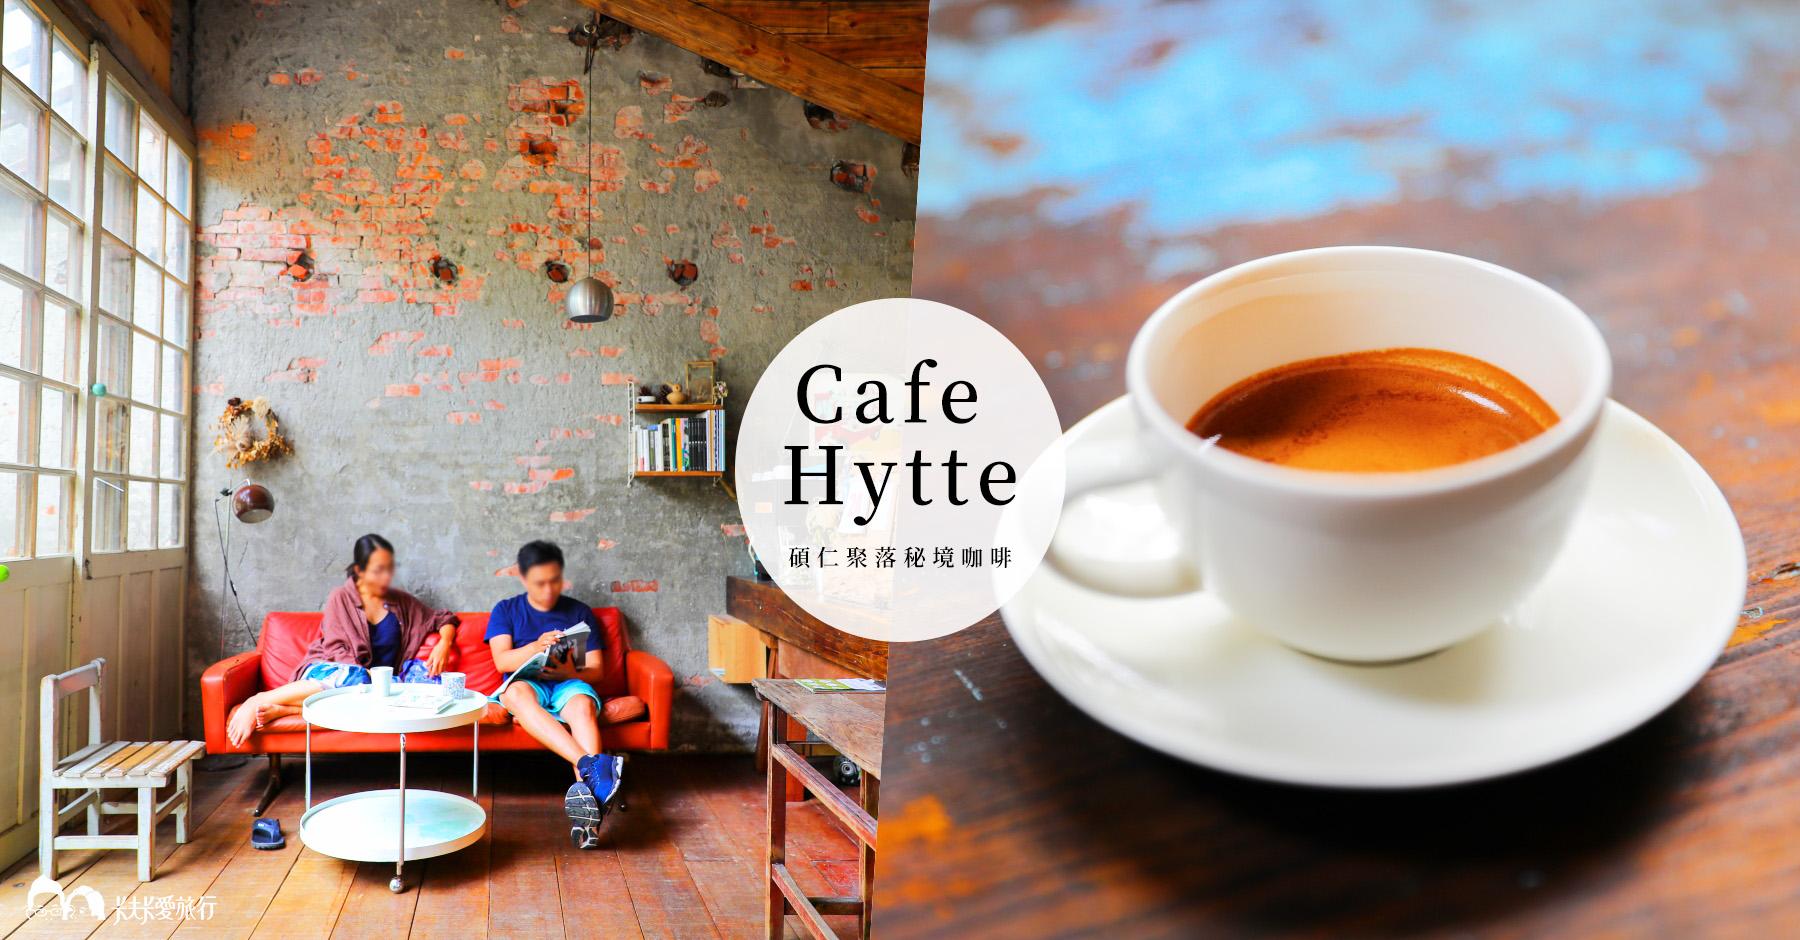 新北瑞芳三貂嶺美食|Cafe Hytte廢墟咖啡廳|開車到不了的咖啡店沒電話和菜單